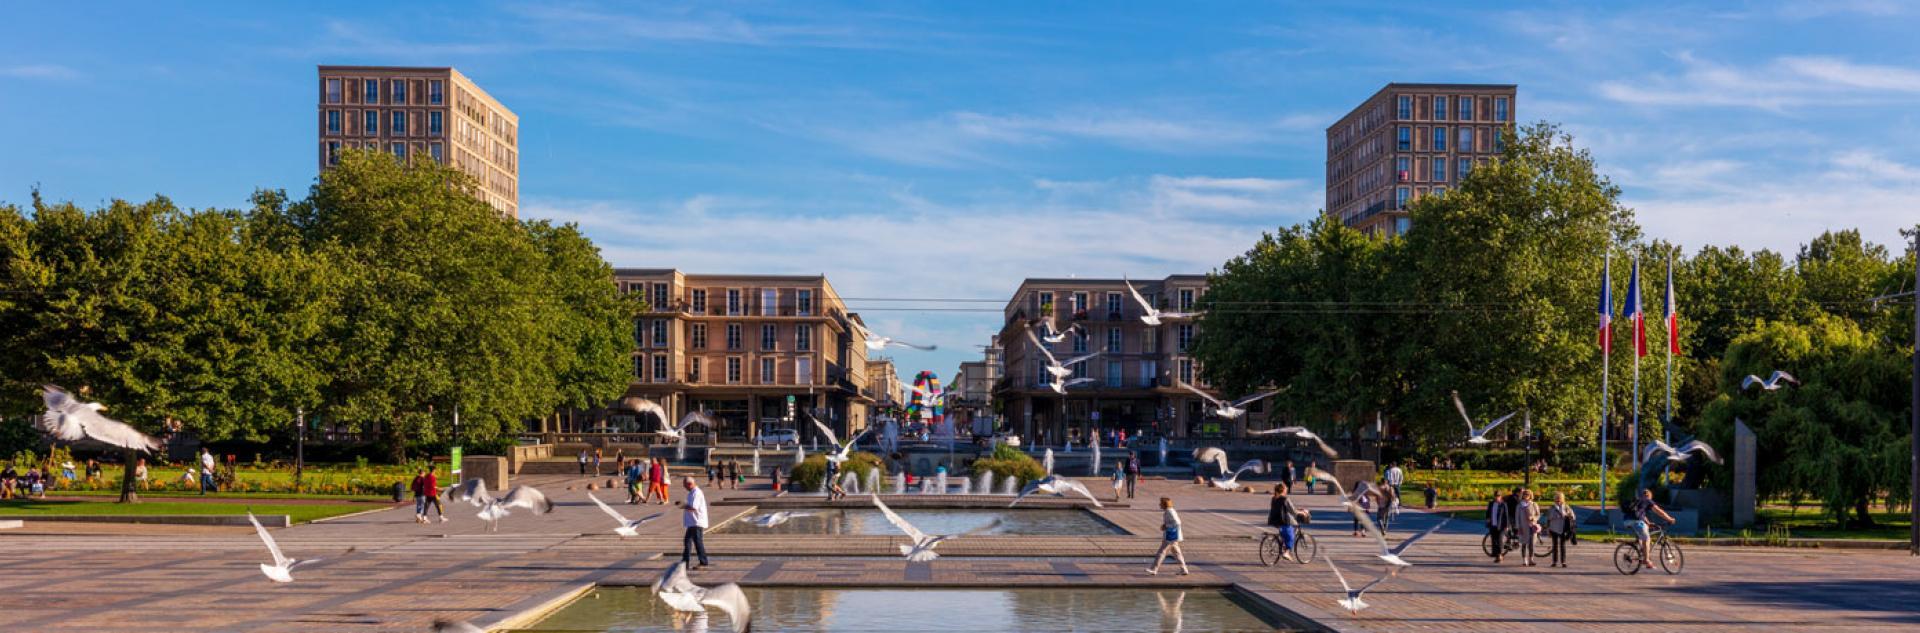 Centre-ville reconstruit, Le Havre